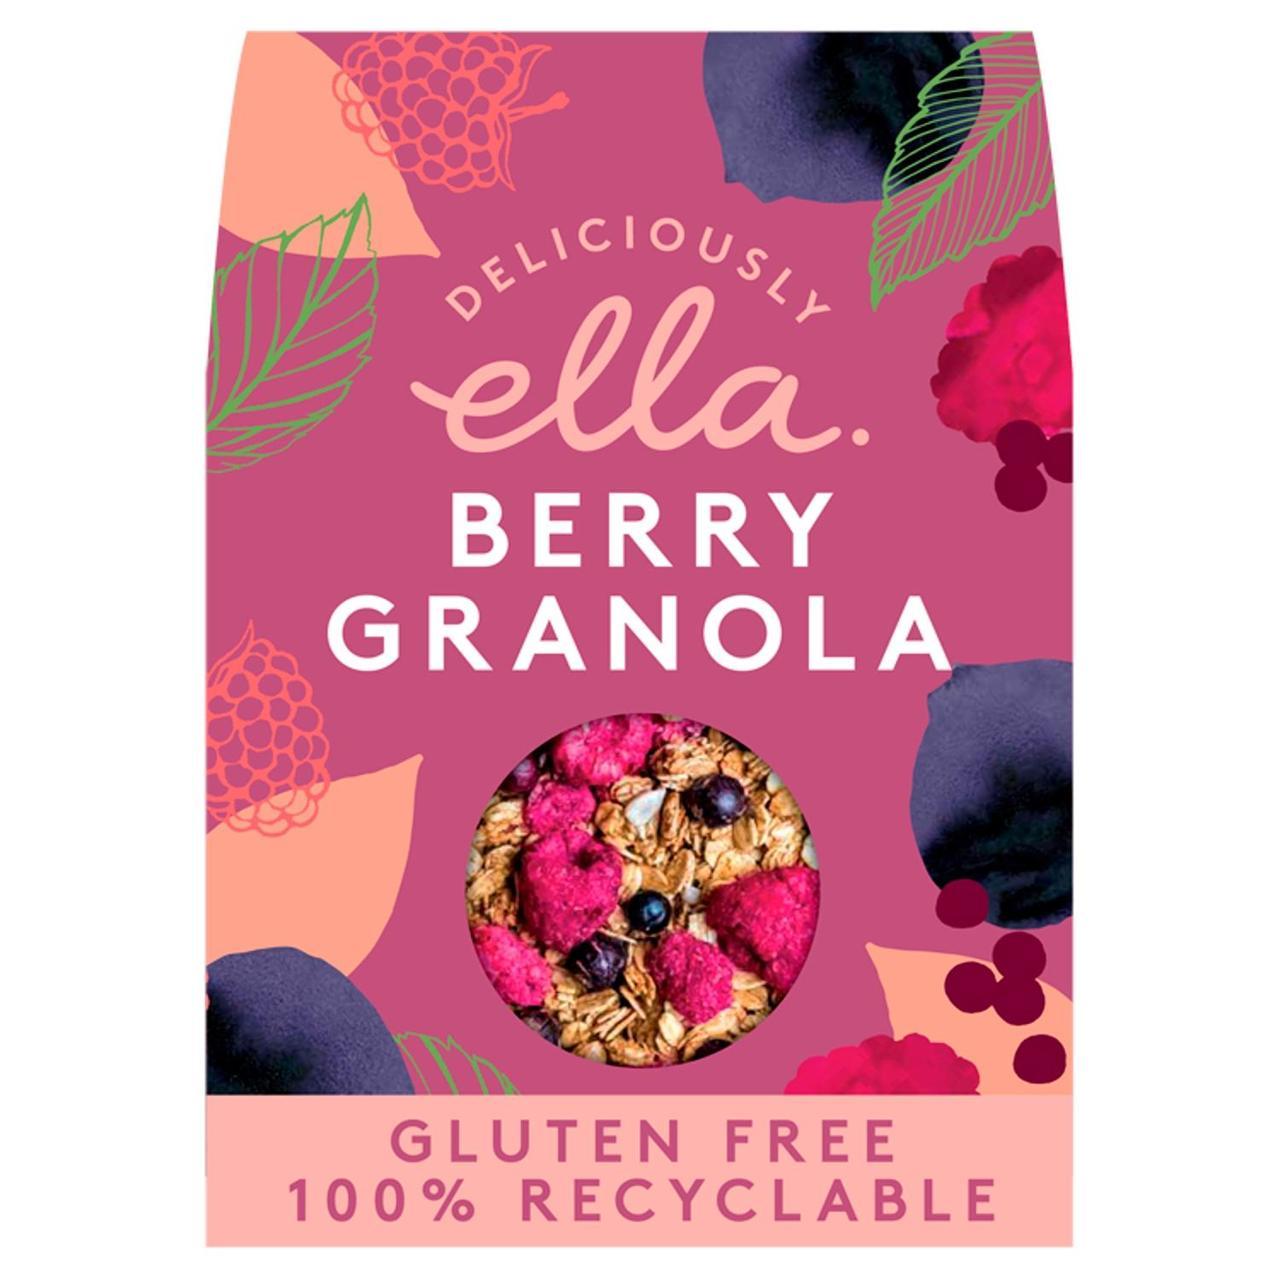 Deliciously Ella Berry Granola – The Full English Company